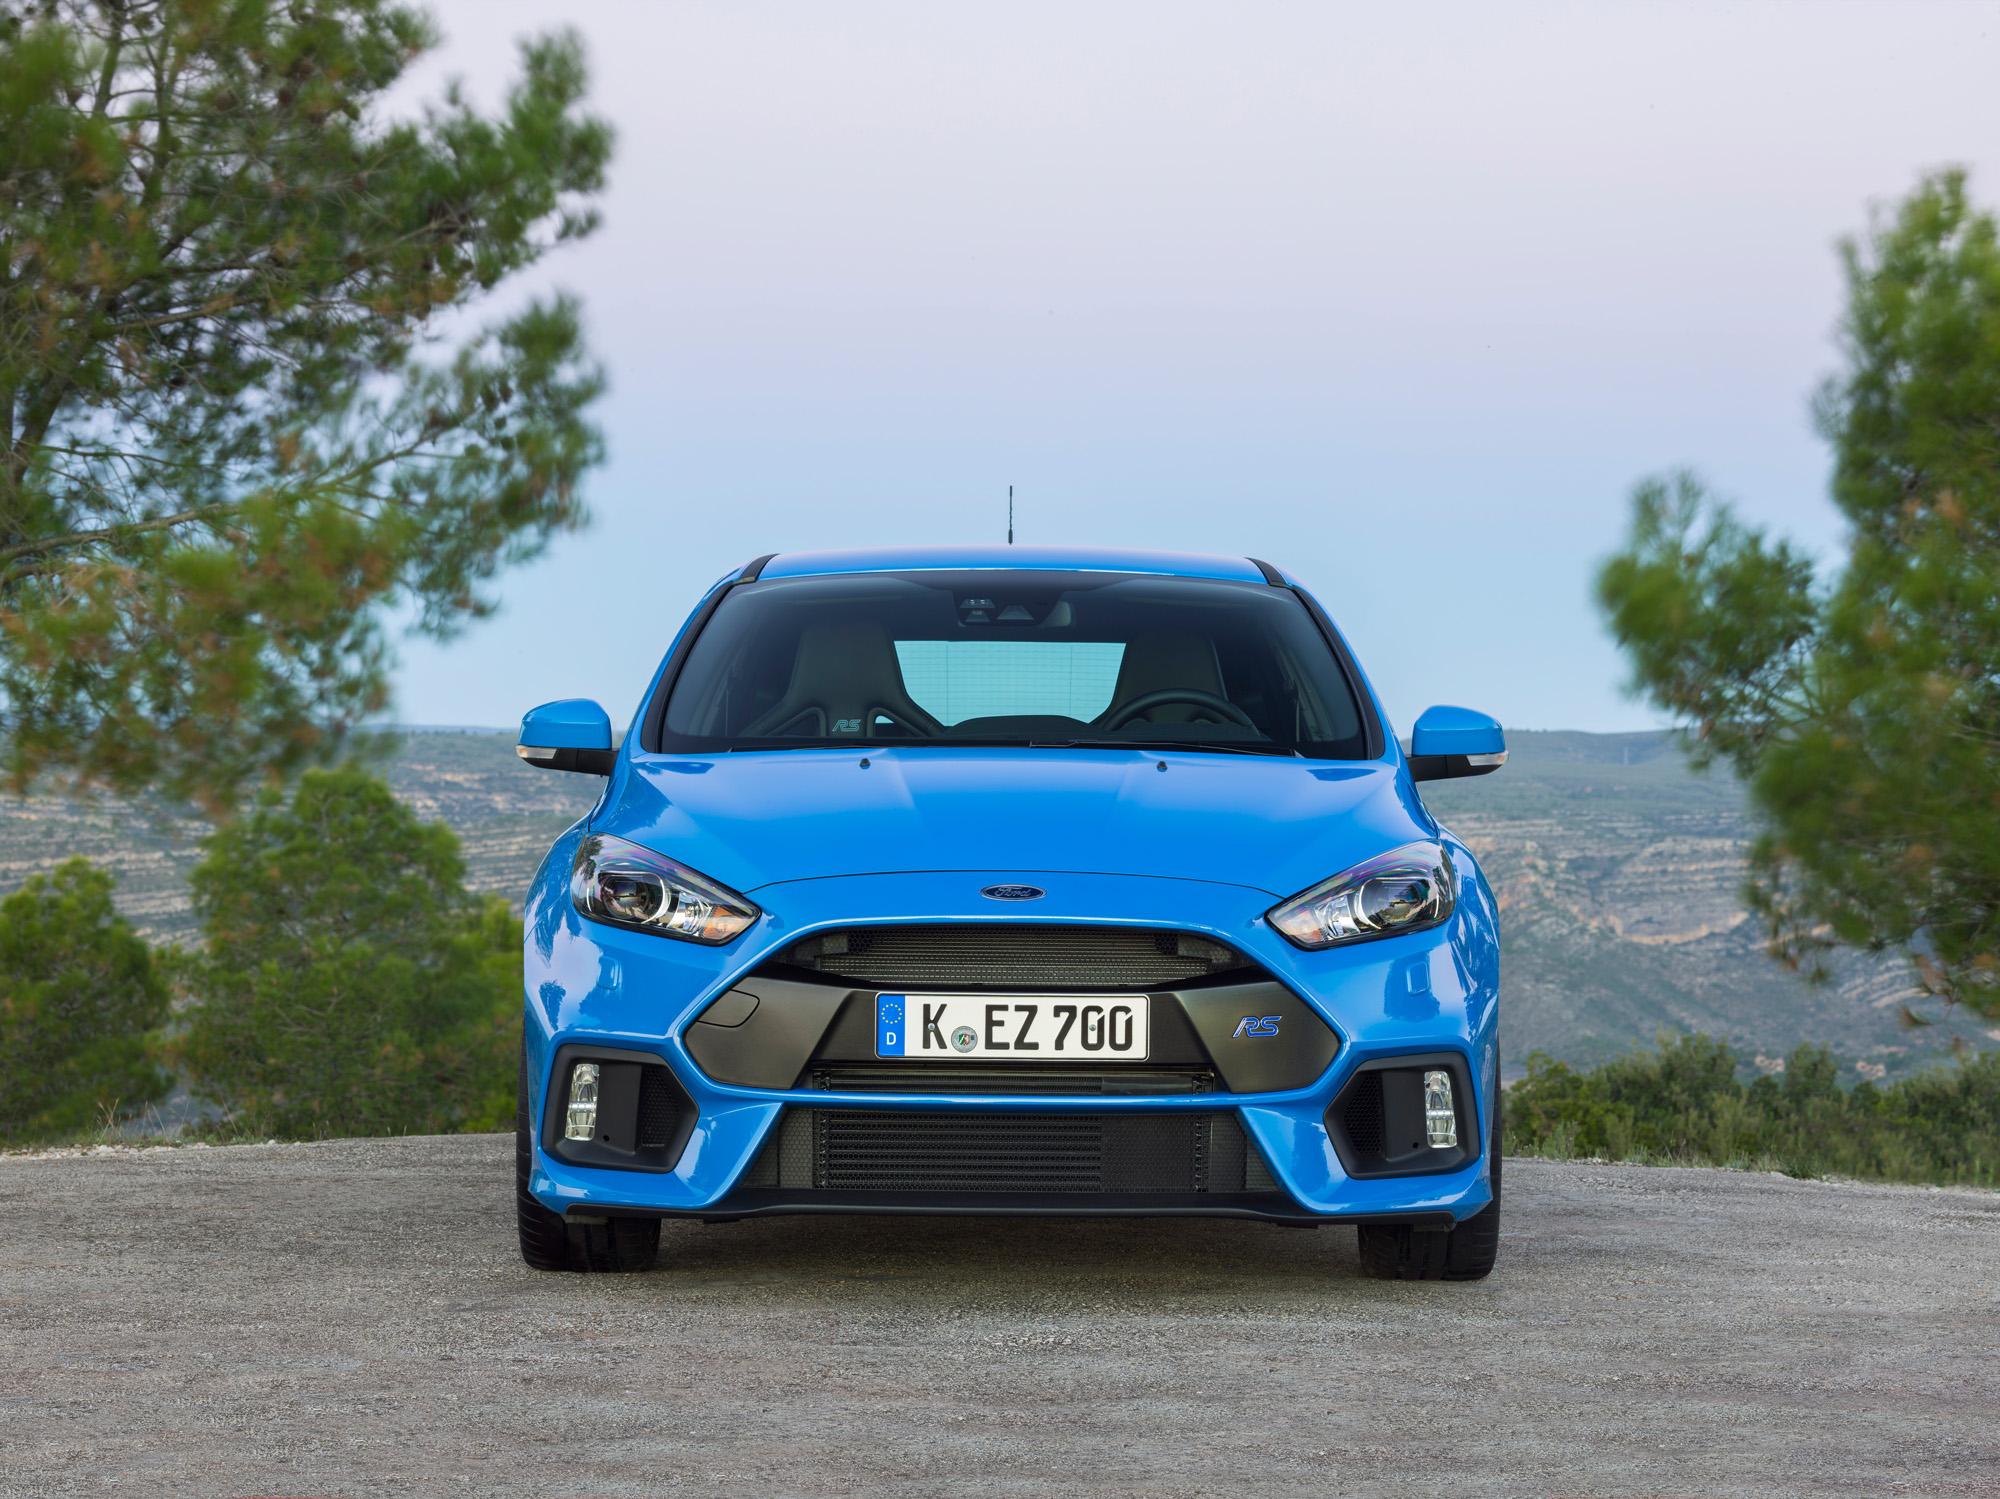 Wer mit der straffen Haltung zurecht kommt, findet im Ford Focus Mk3 RS auch ein Daily.